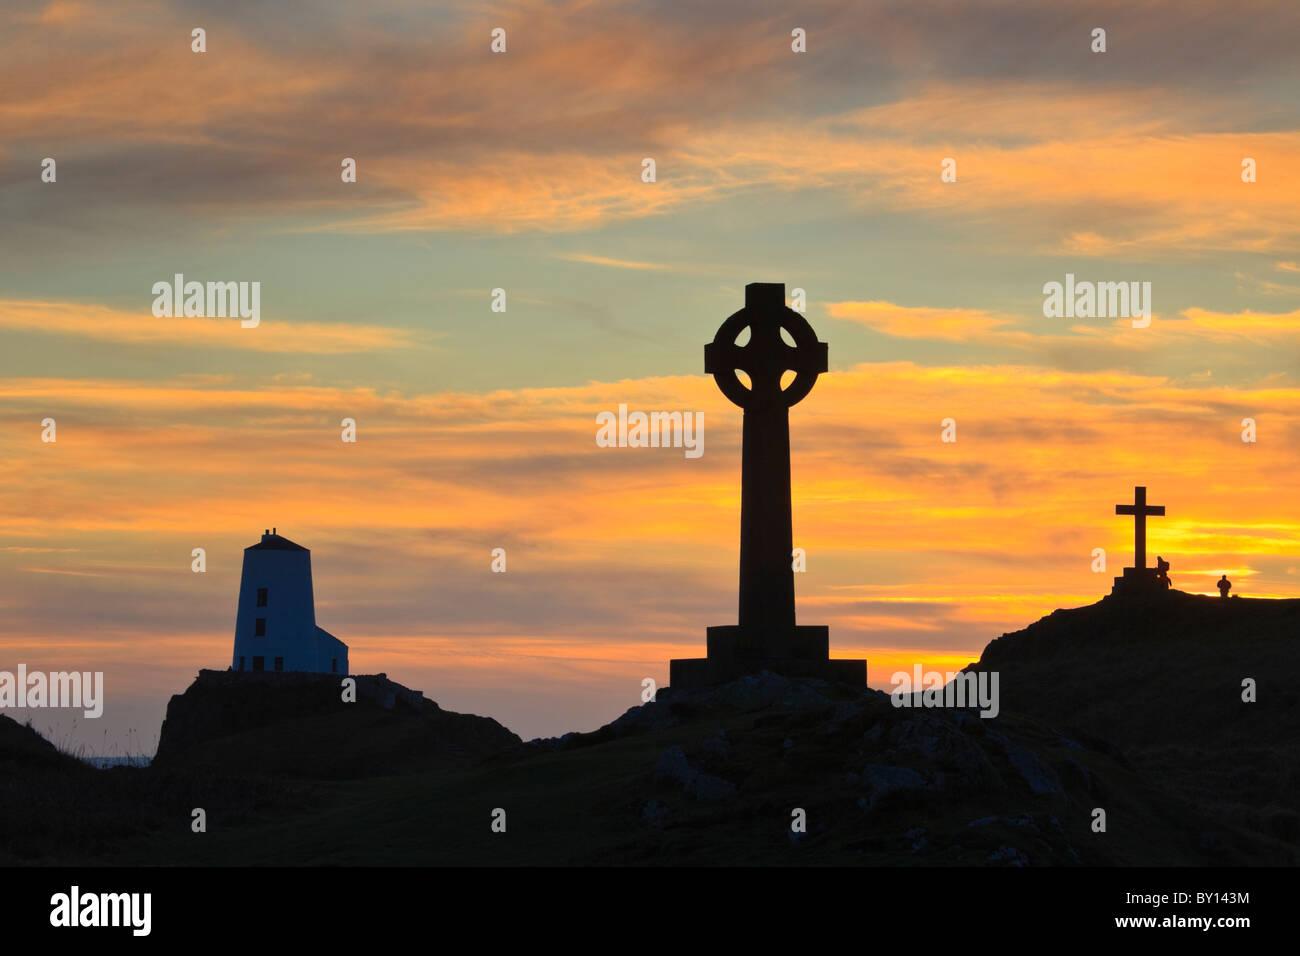 St Dwynwen croce celtica e Twr Mawr faro in silhouette sull isola di Llanddwyn al tramonto Isola di Anglesey, Galles del Nord, Regno Unito Foto Stock